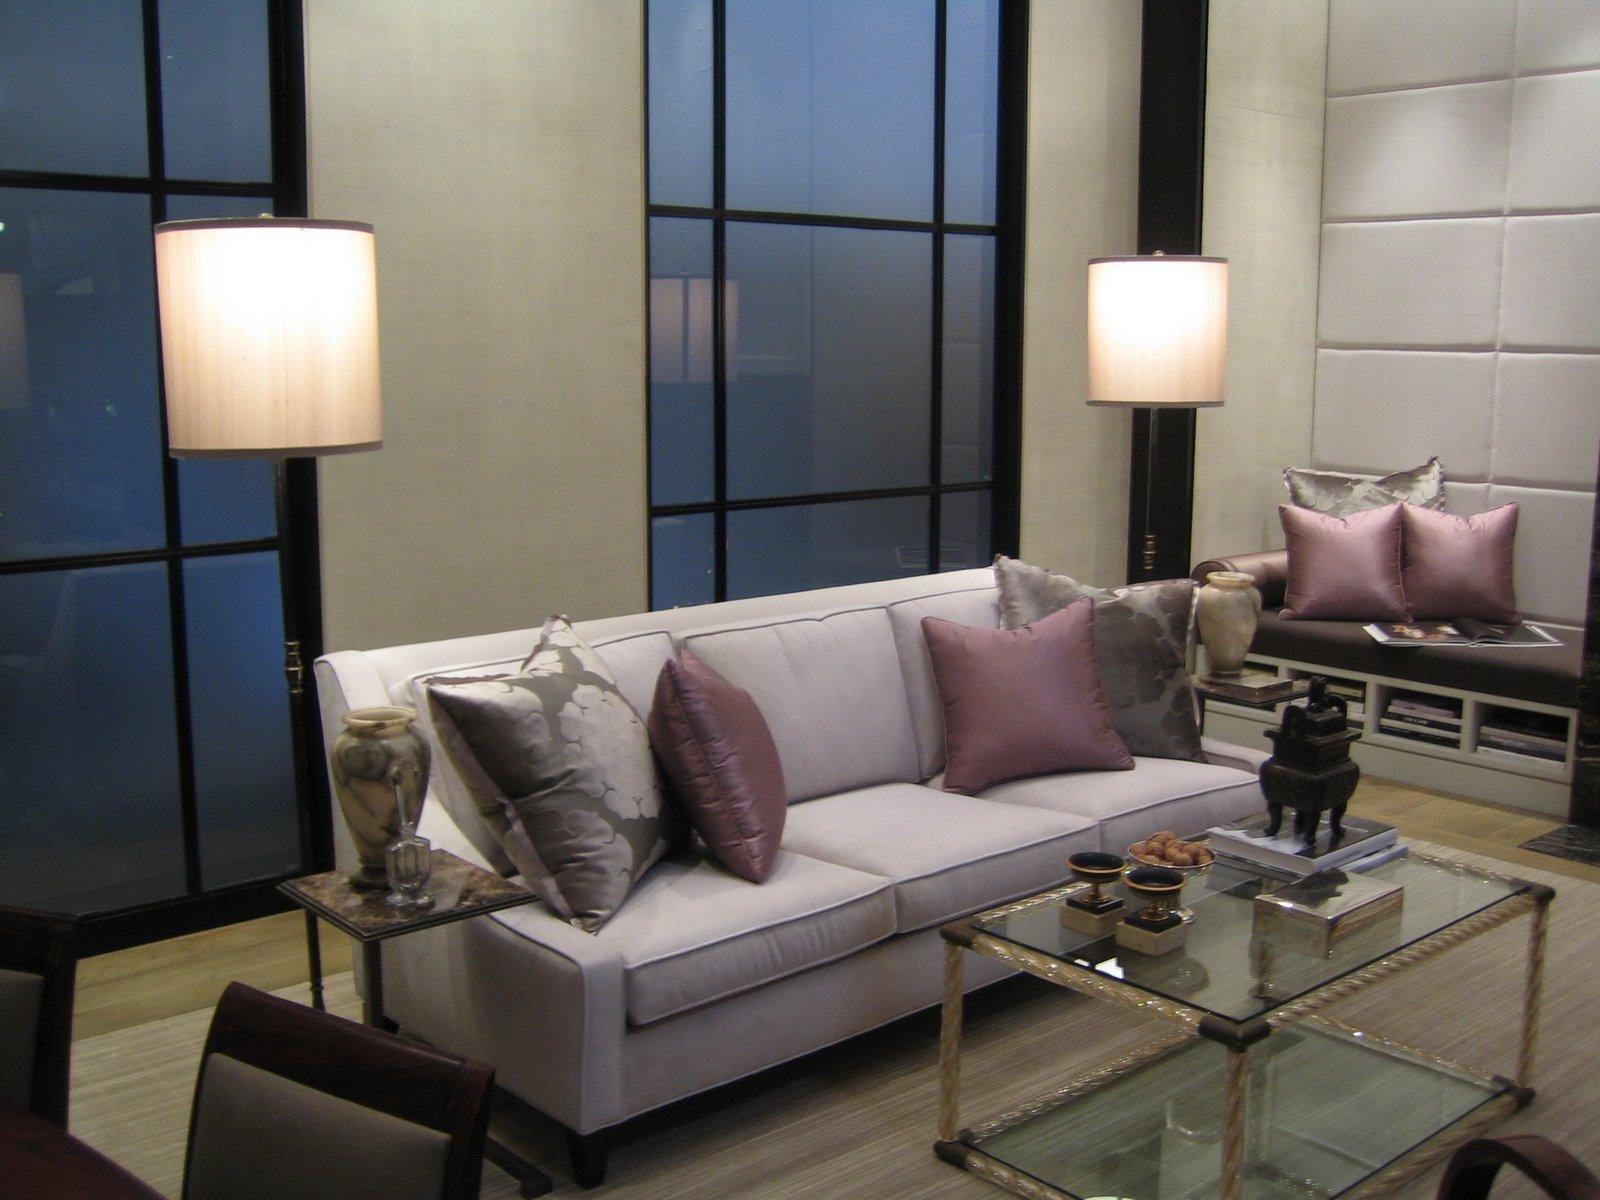 Yvonne Potter Interior Design Blog 5 Big Blunders of Do